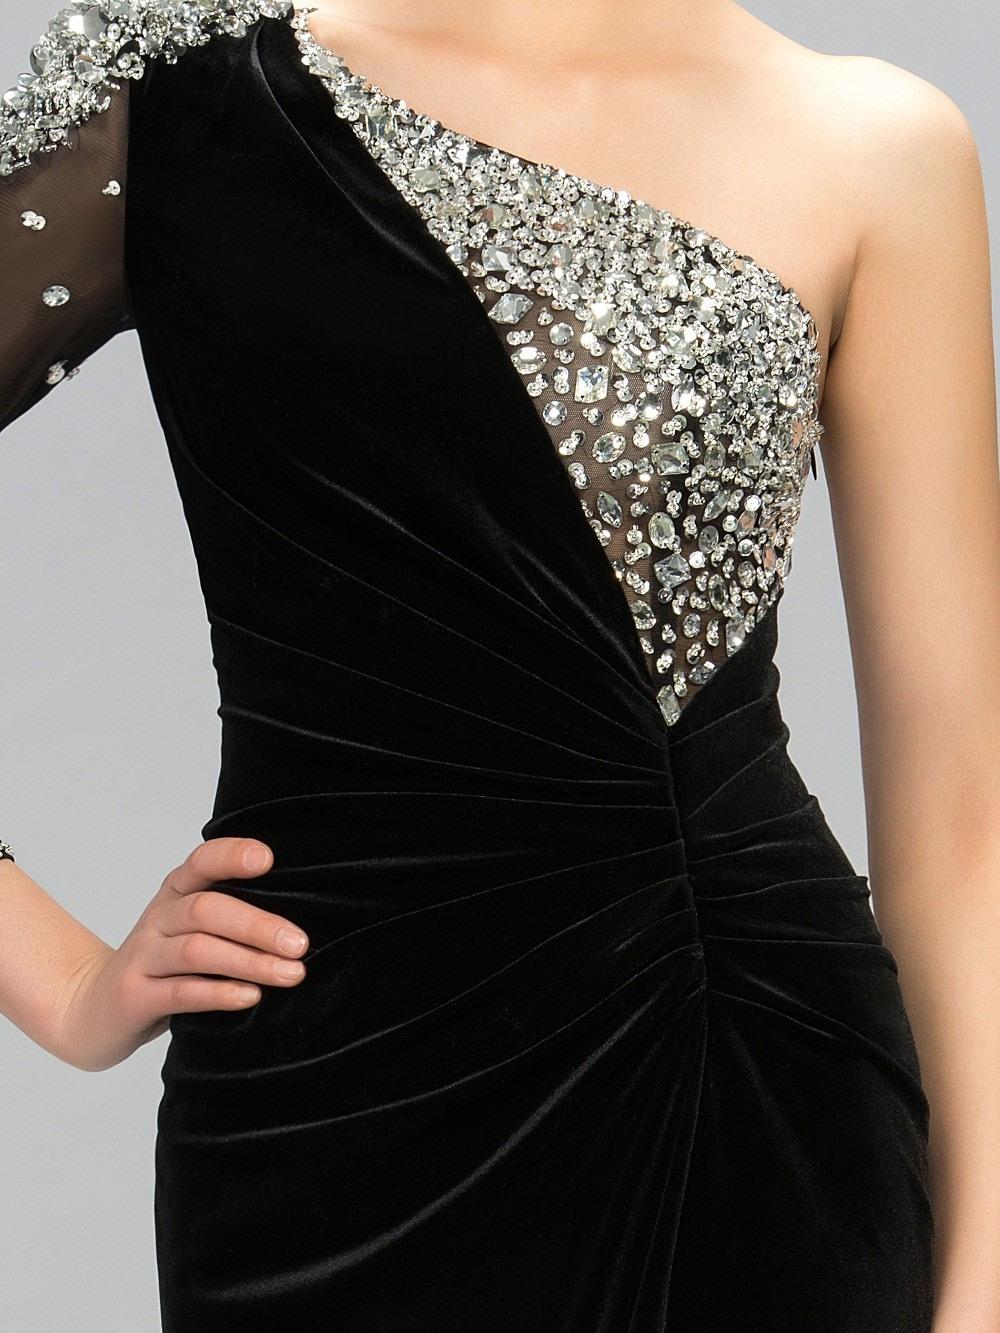 17 Kreativ Abendkleid Kurz Langarm für 2019Designer Einzigartig Abendkleid Kurz Langarm Stylish